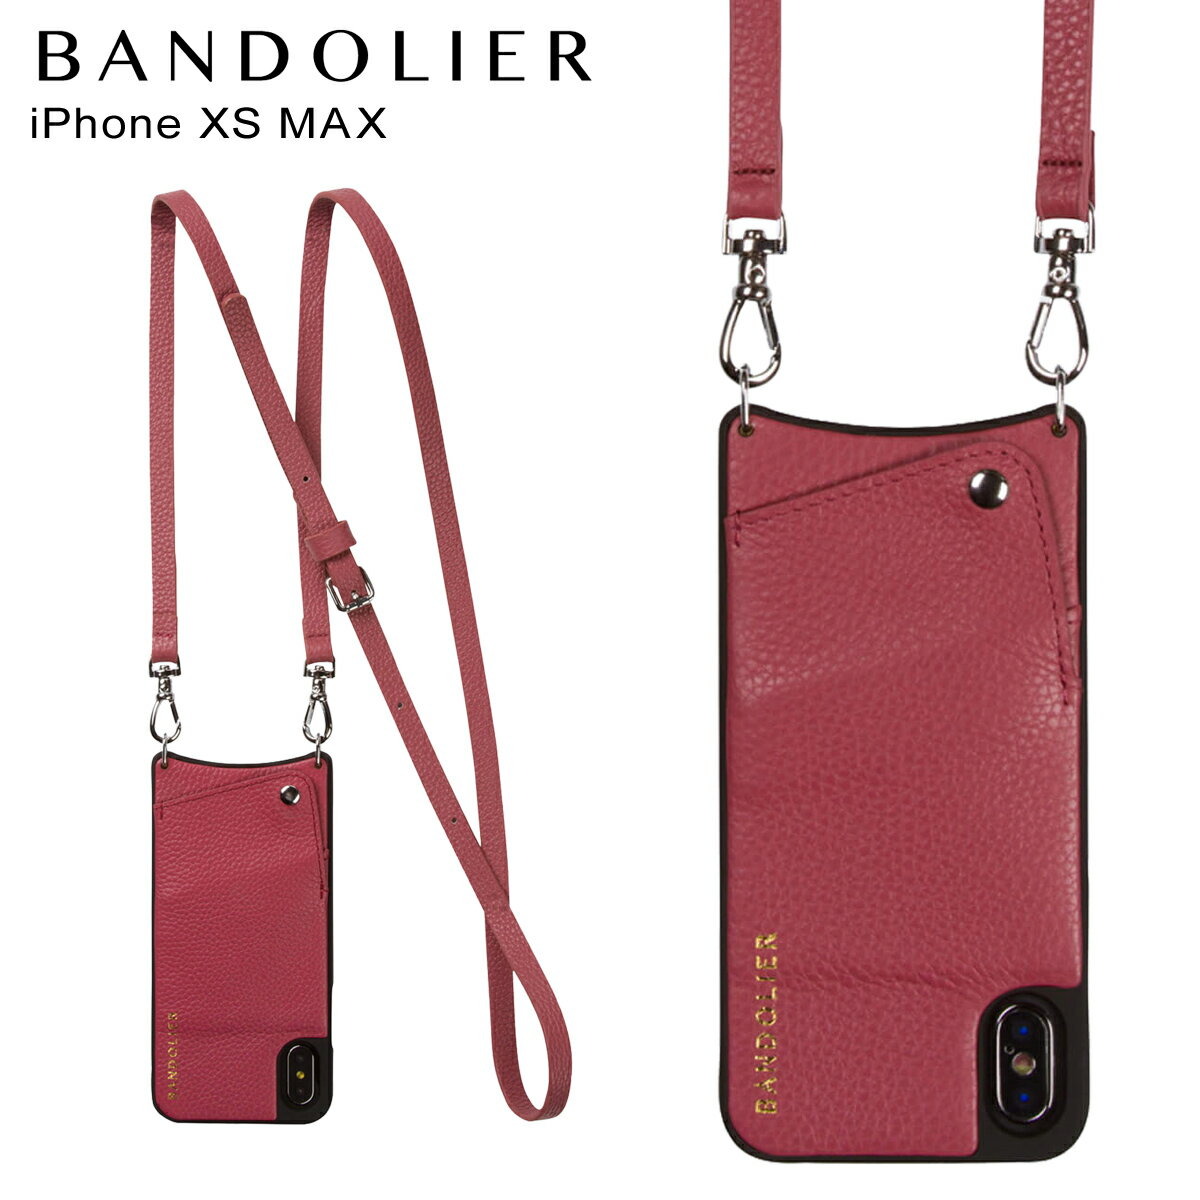 BANDOLIER バンドリヤー iPhone XS MAX ケース ショルダー スマホ アイフォン レザー EMMA MAGENTA RED メンズ レディース マゼンタ レッド 10EMM1001 [4/18 再入荷]